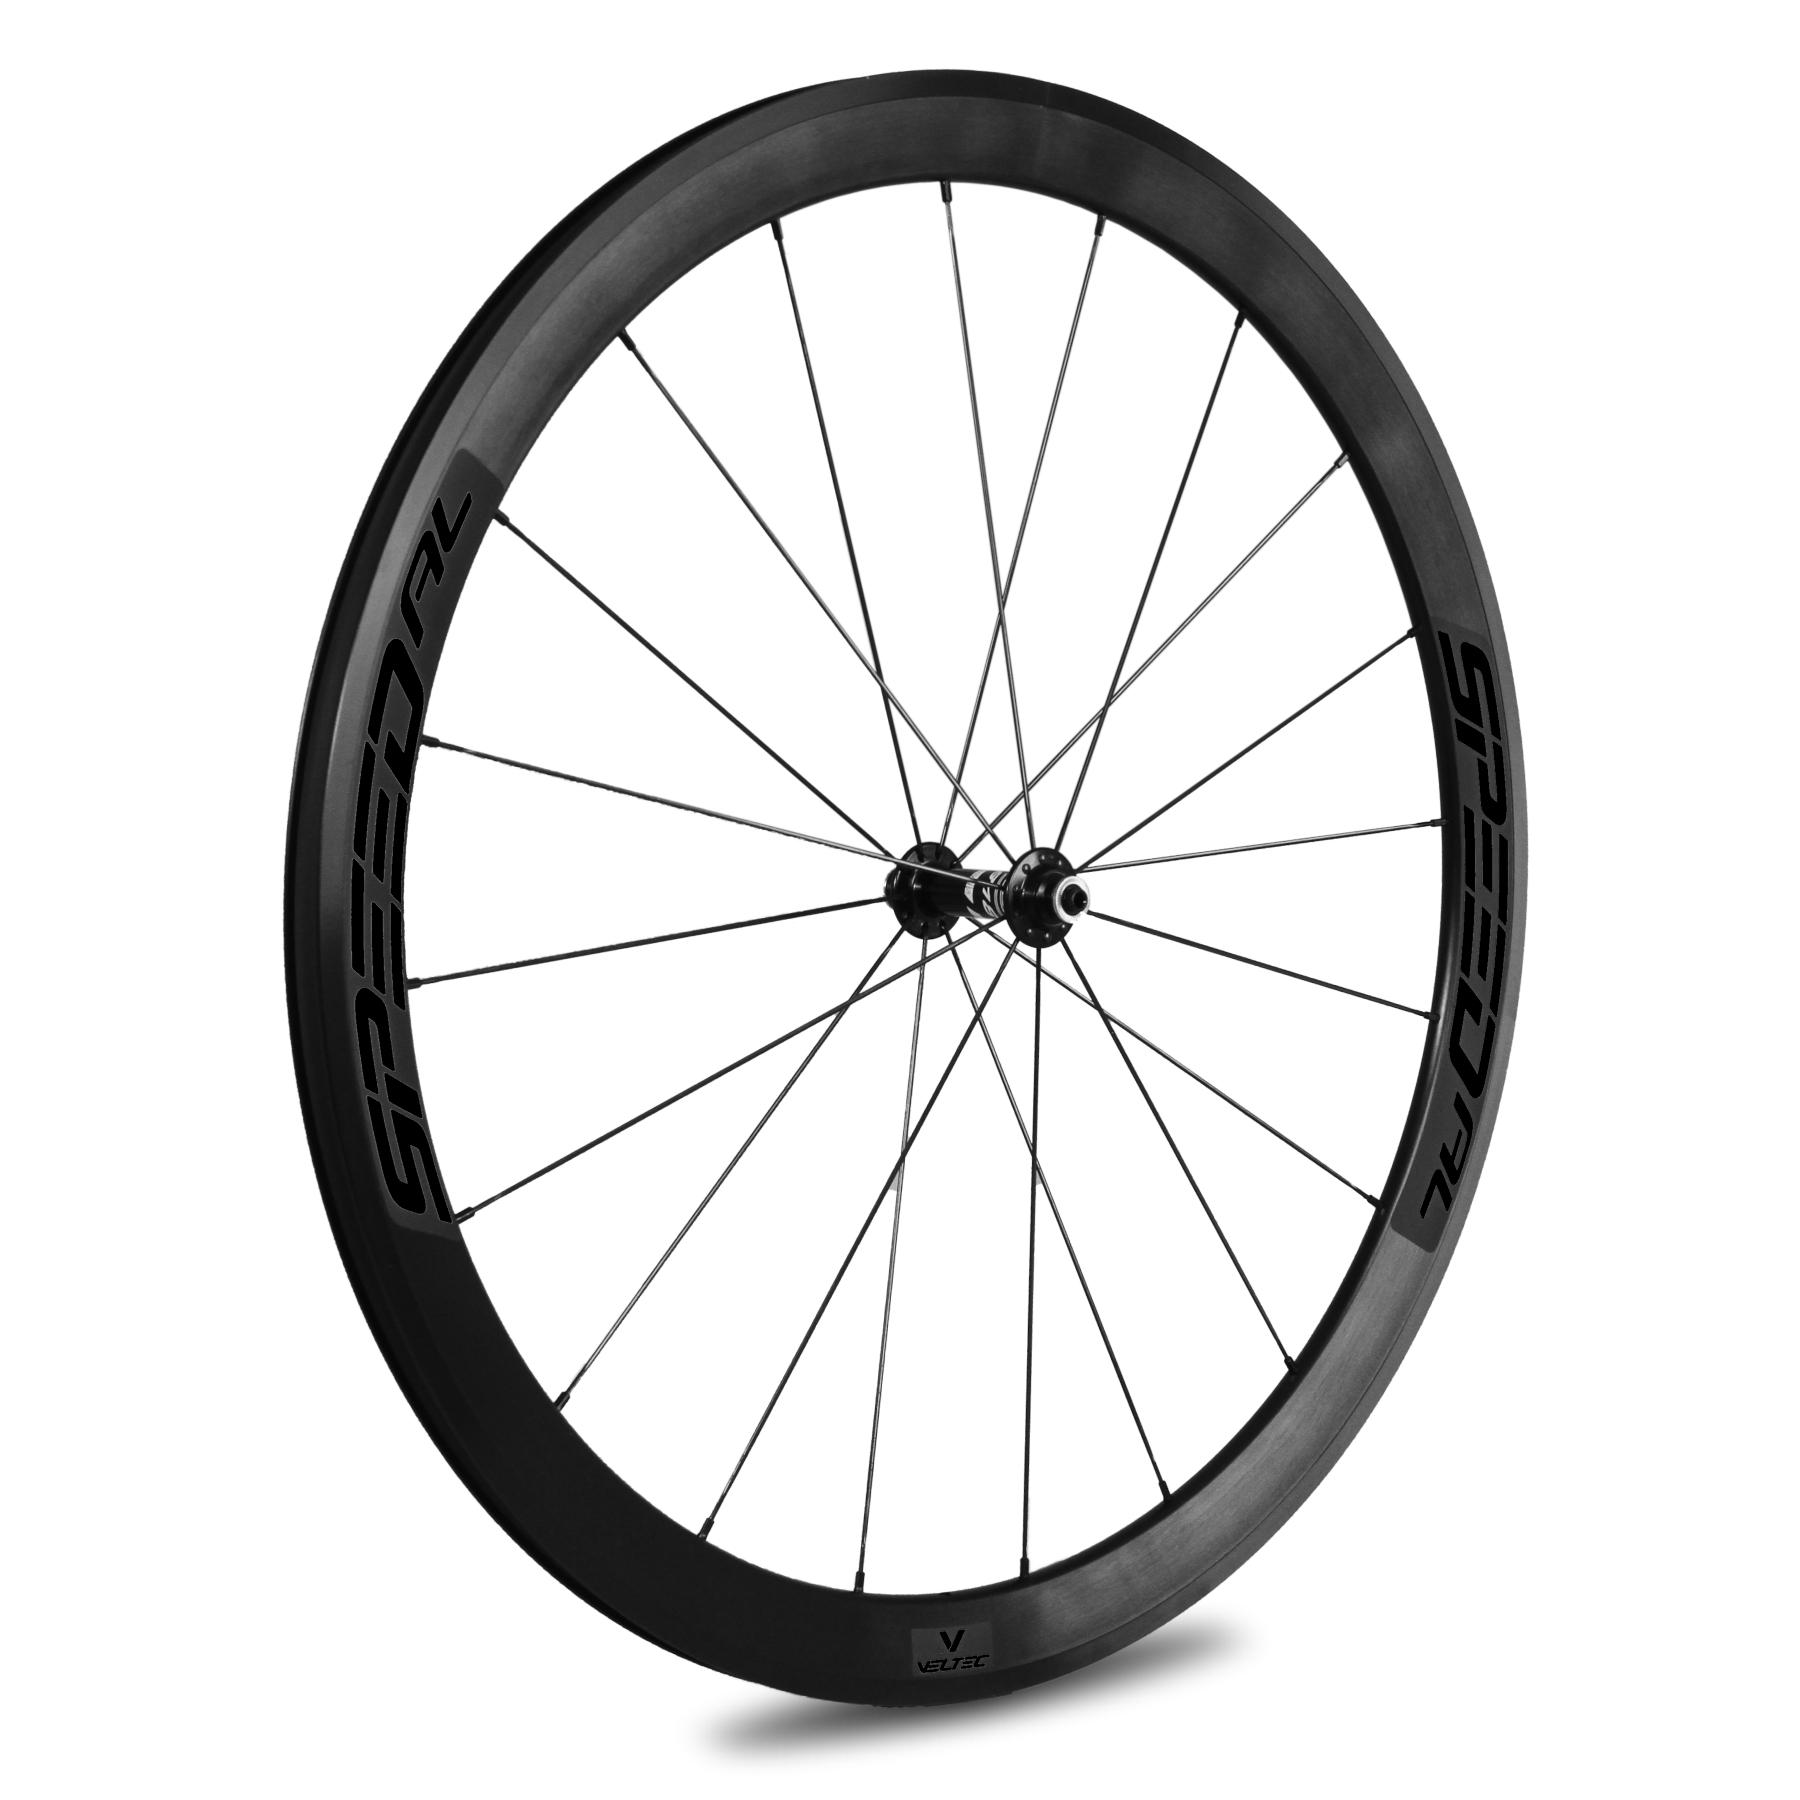 Veltec Speed AL Vorderrad - Drahtreifen - QR100 - schwarz